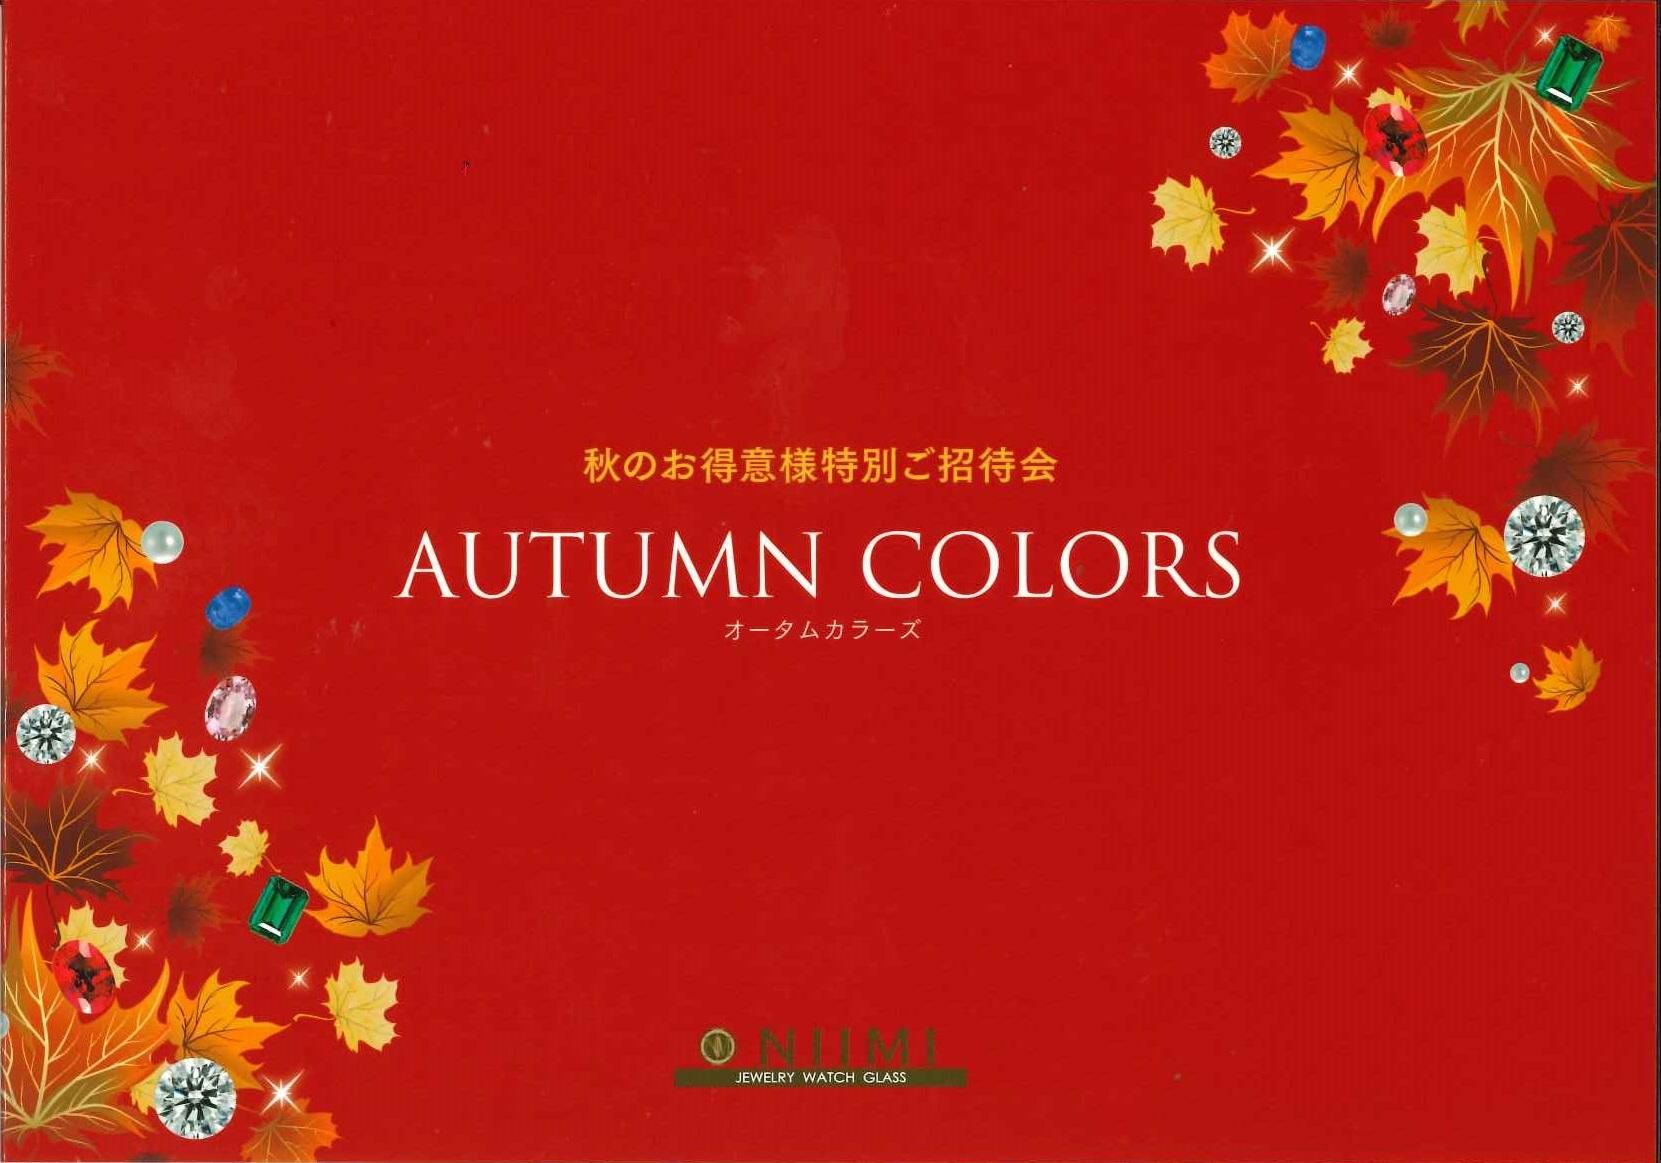 秋の大イベント「オータムカラーズ」いよいよご予約スタートです!